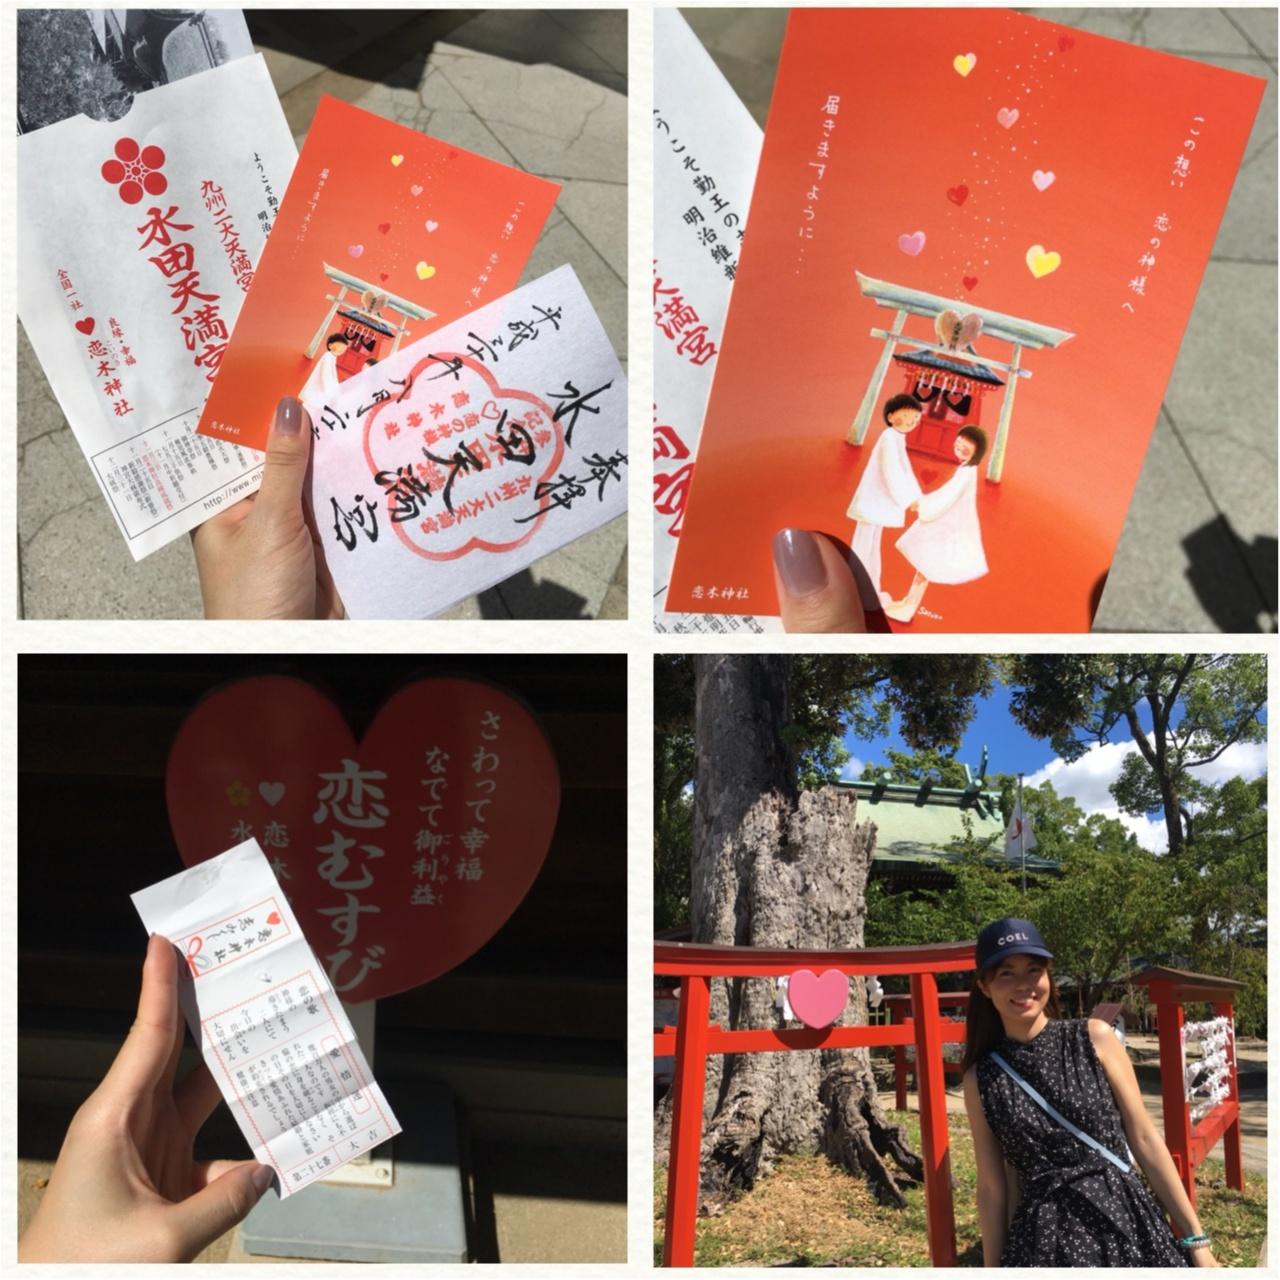 """福岡のラブパワースポットといえばココ!ハートいっぱいの""""恋木神社""""にいってきました♡_3"""